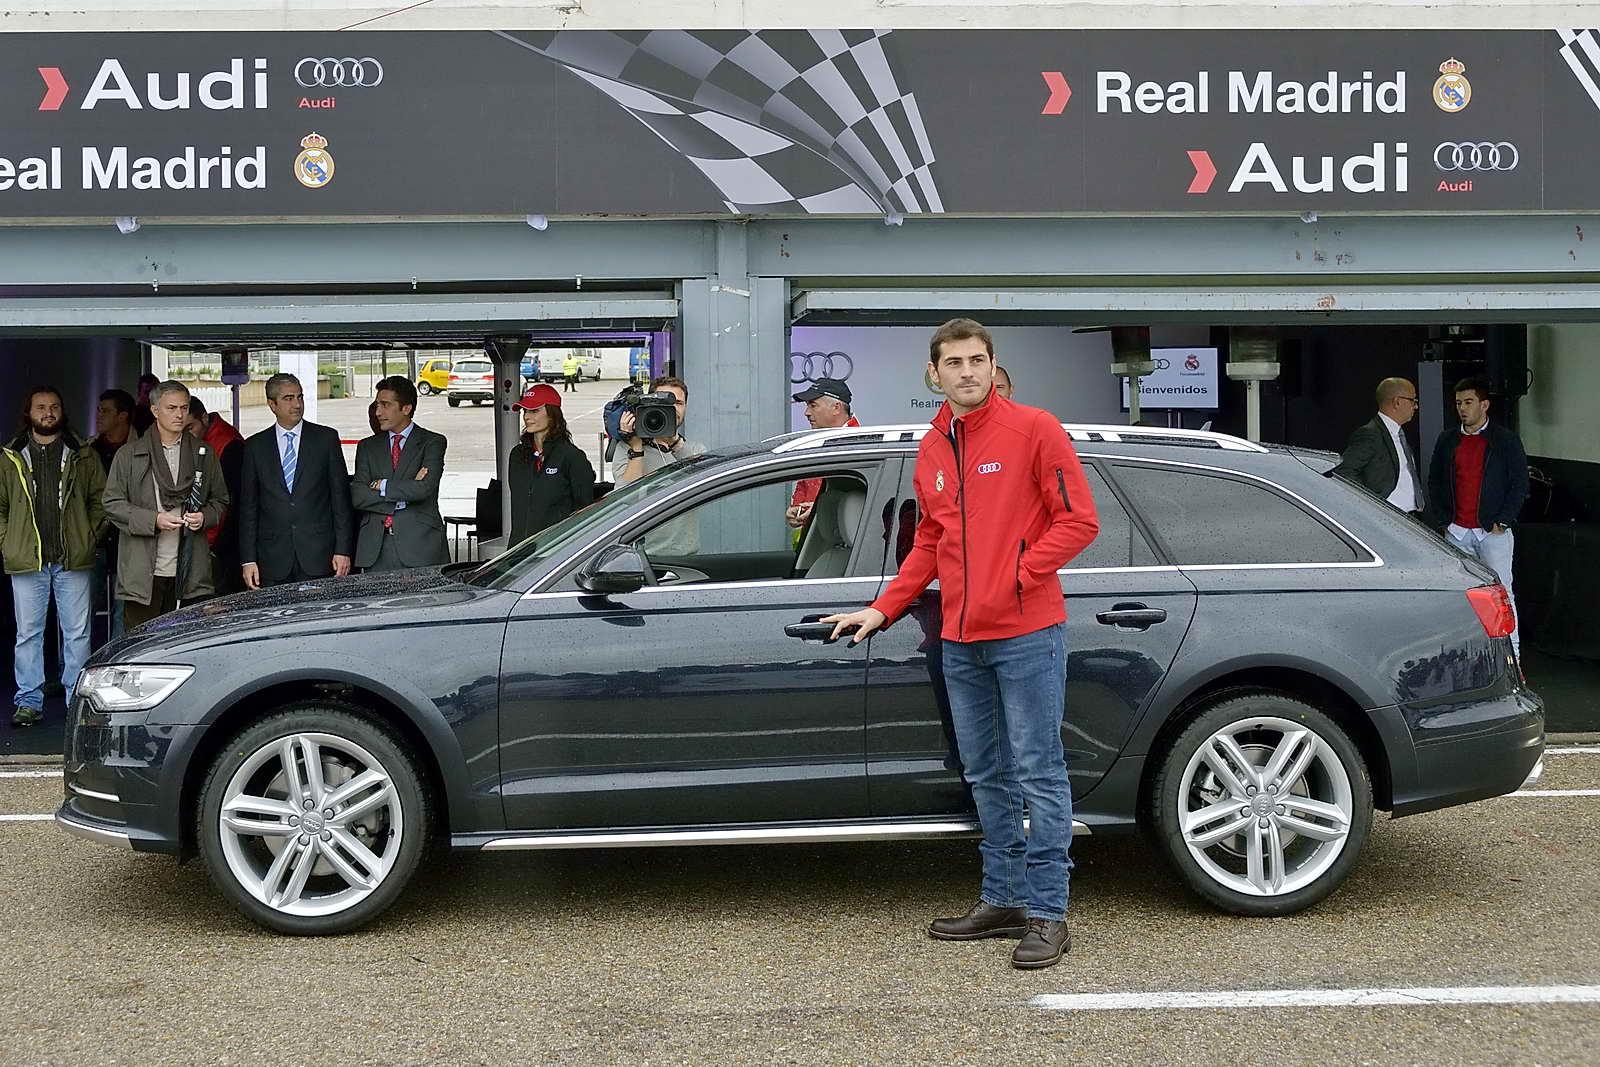 Audi_Real_Madrid_01